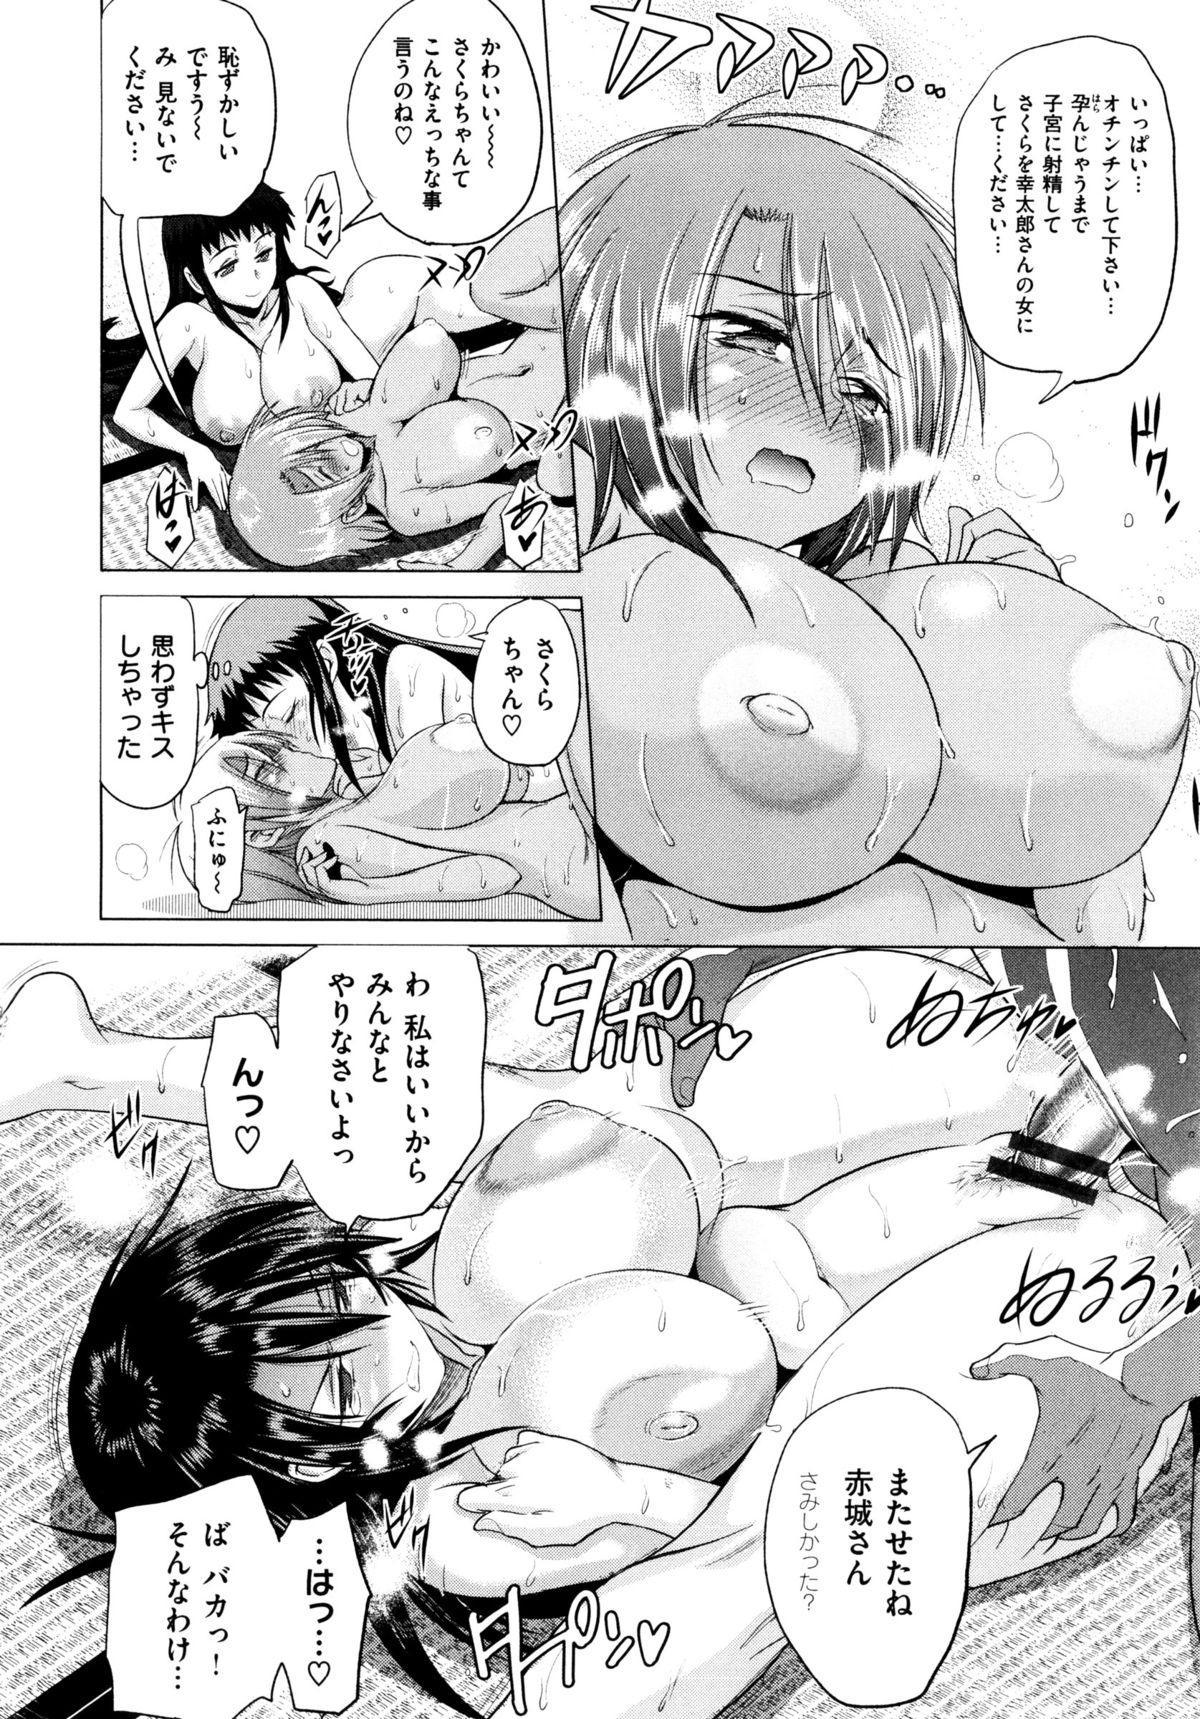 Anekomori 198